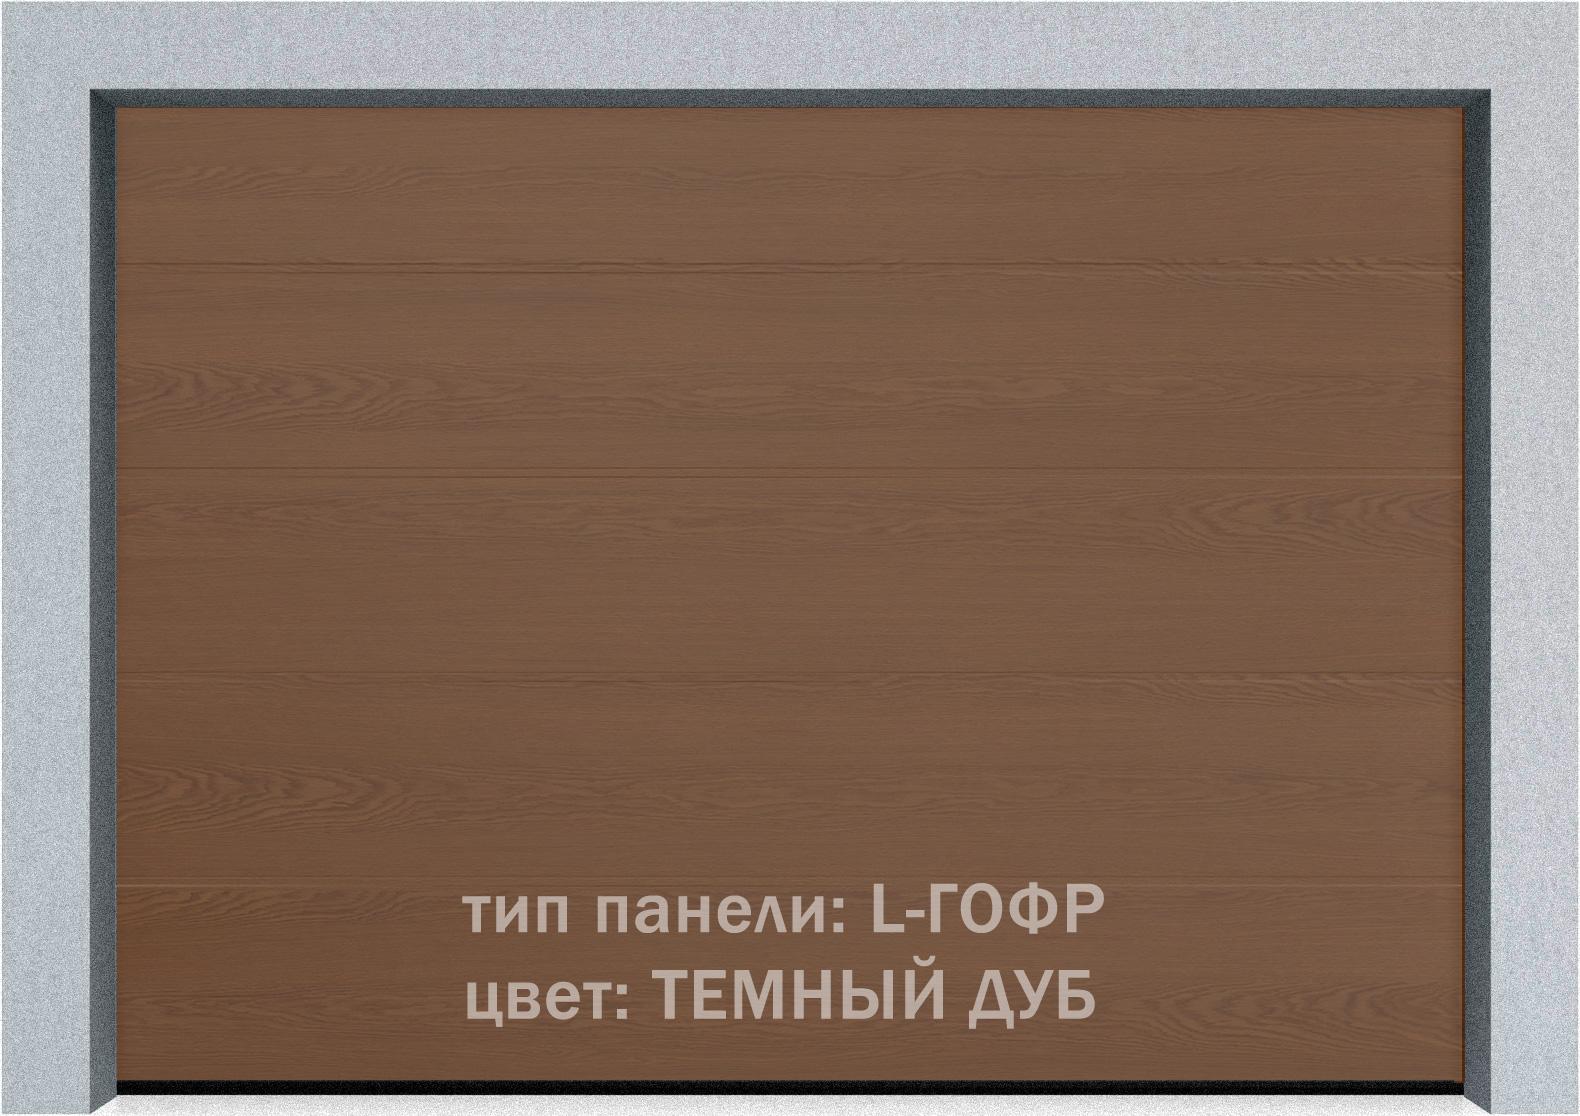 Секционные гаражные ворота Alutech Prestige 6000х3250 S-гофр, M-гофр, L-гофр цвета под дерево, торсионные пружины, фото 8